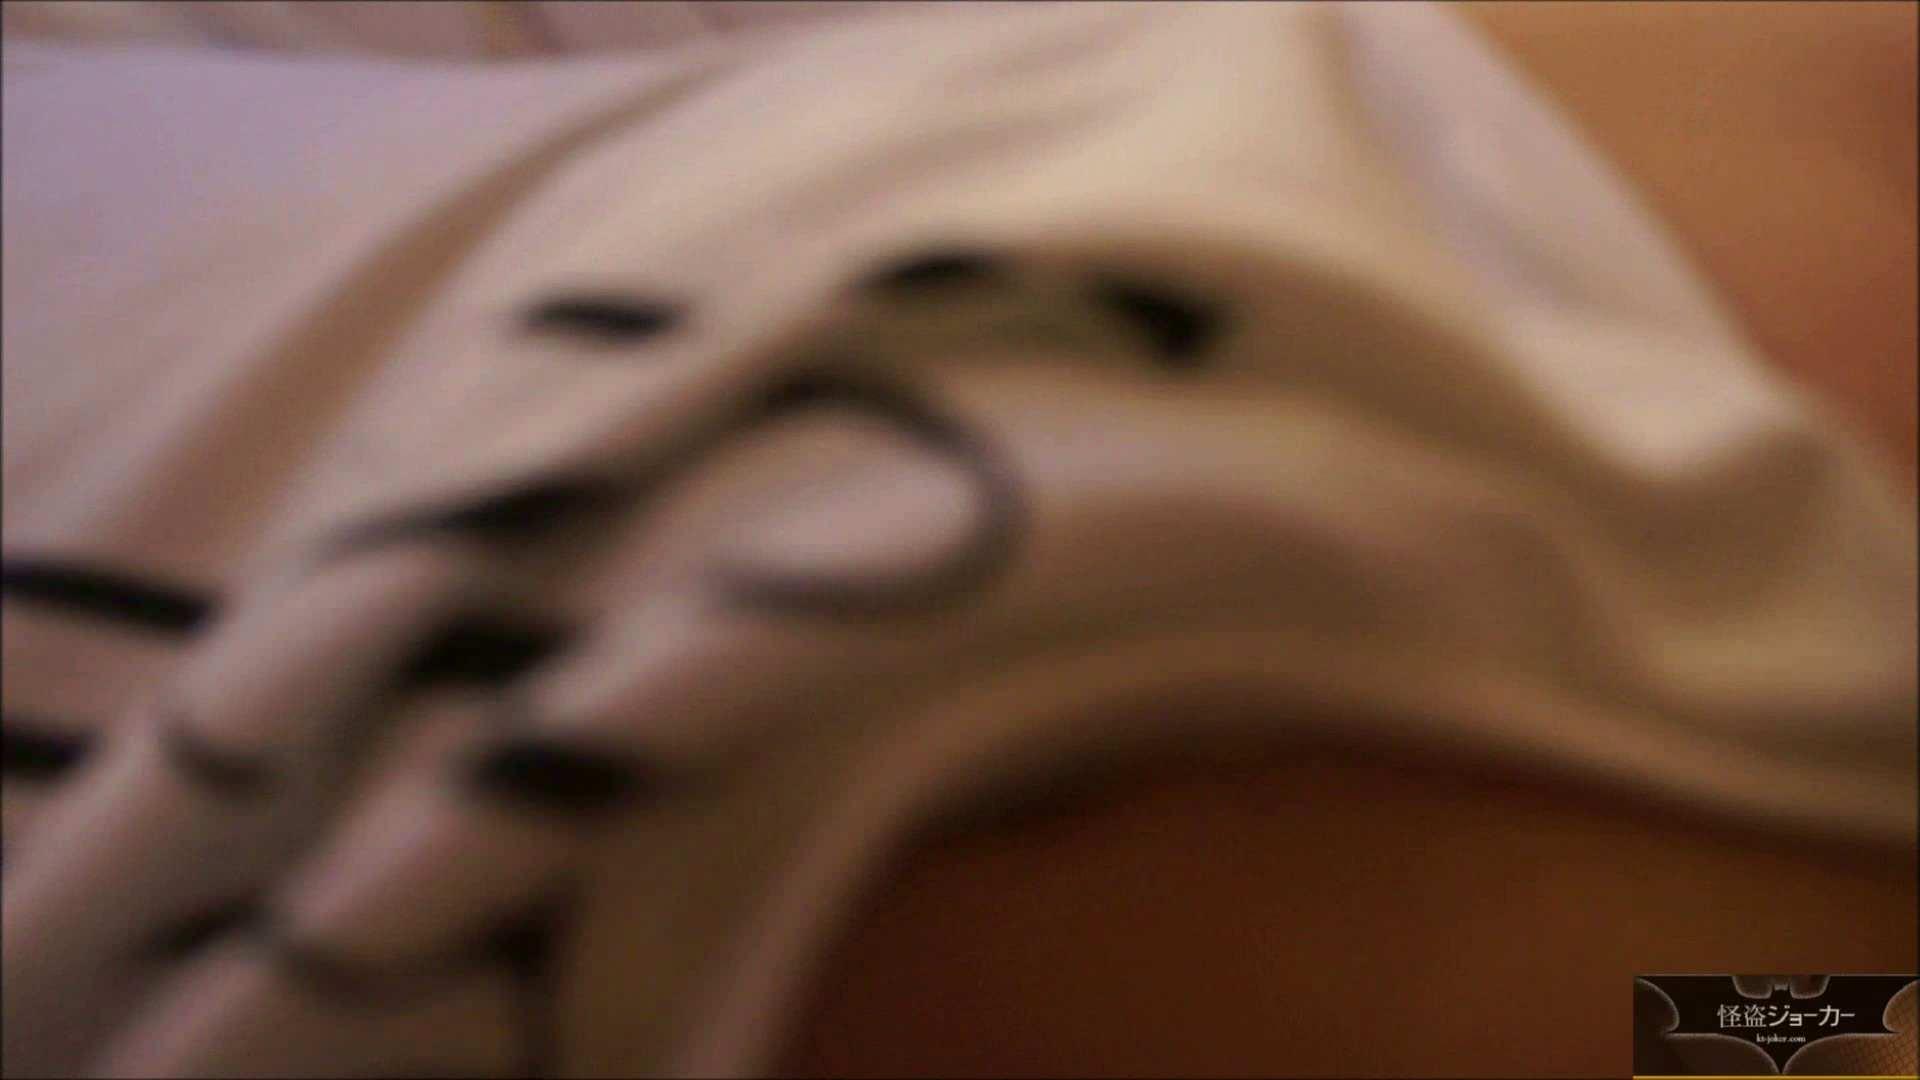 【未公開】vol.11 【美人若妻】早苗さん・・・誘われた夜。 いやらしいOL のぞき動画キャプチャ 100連発 58